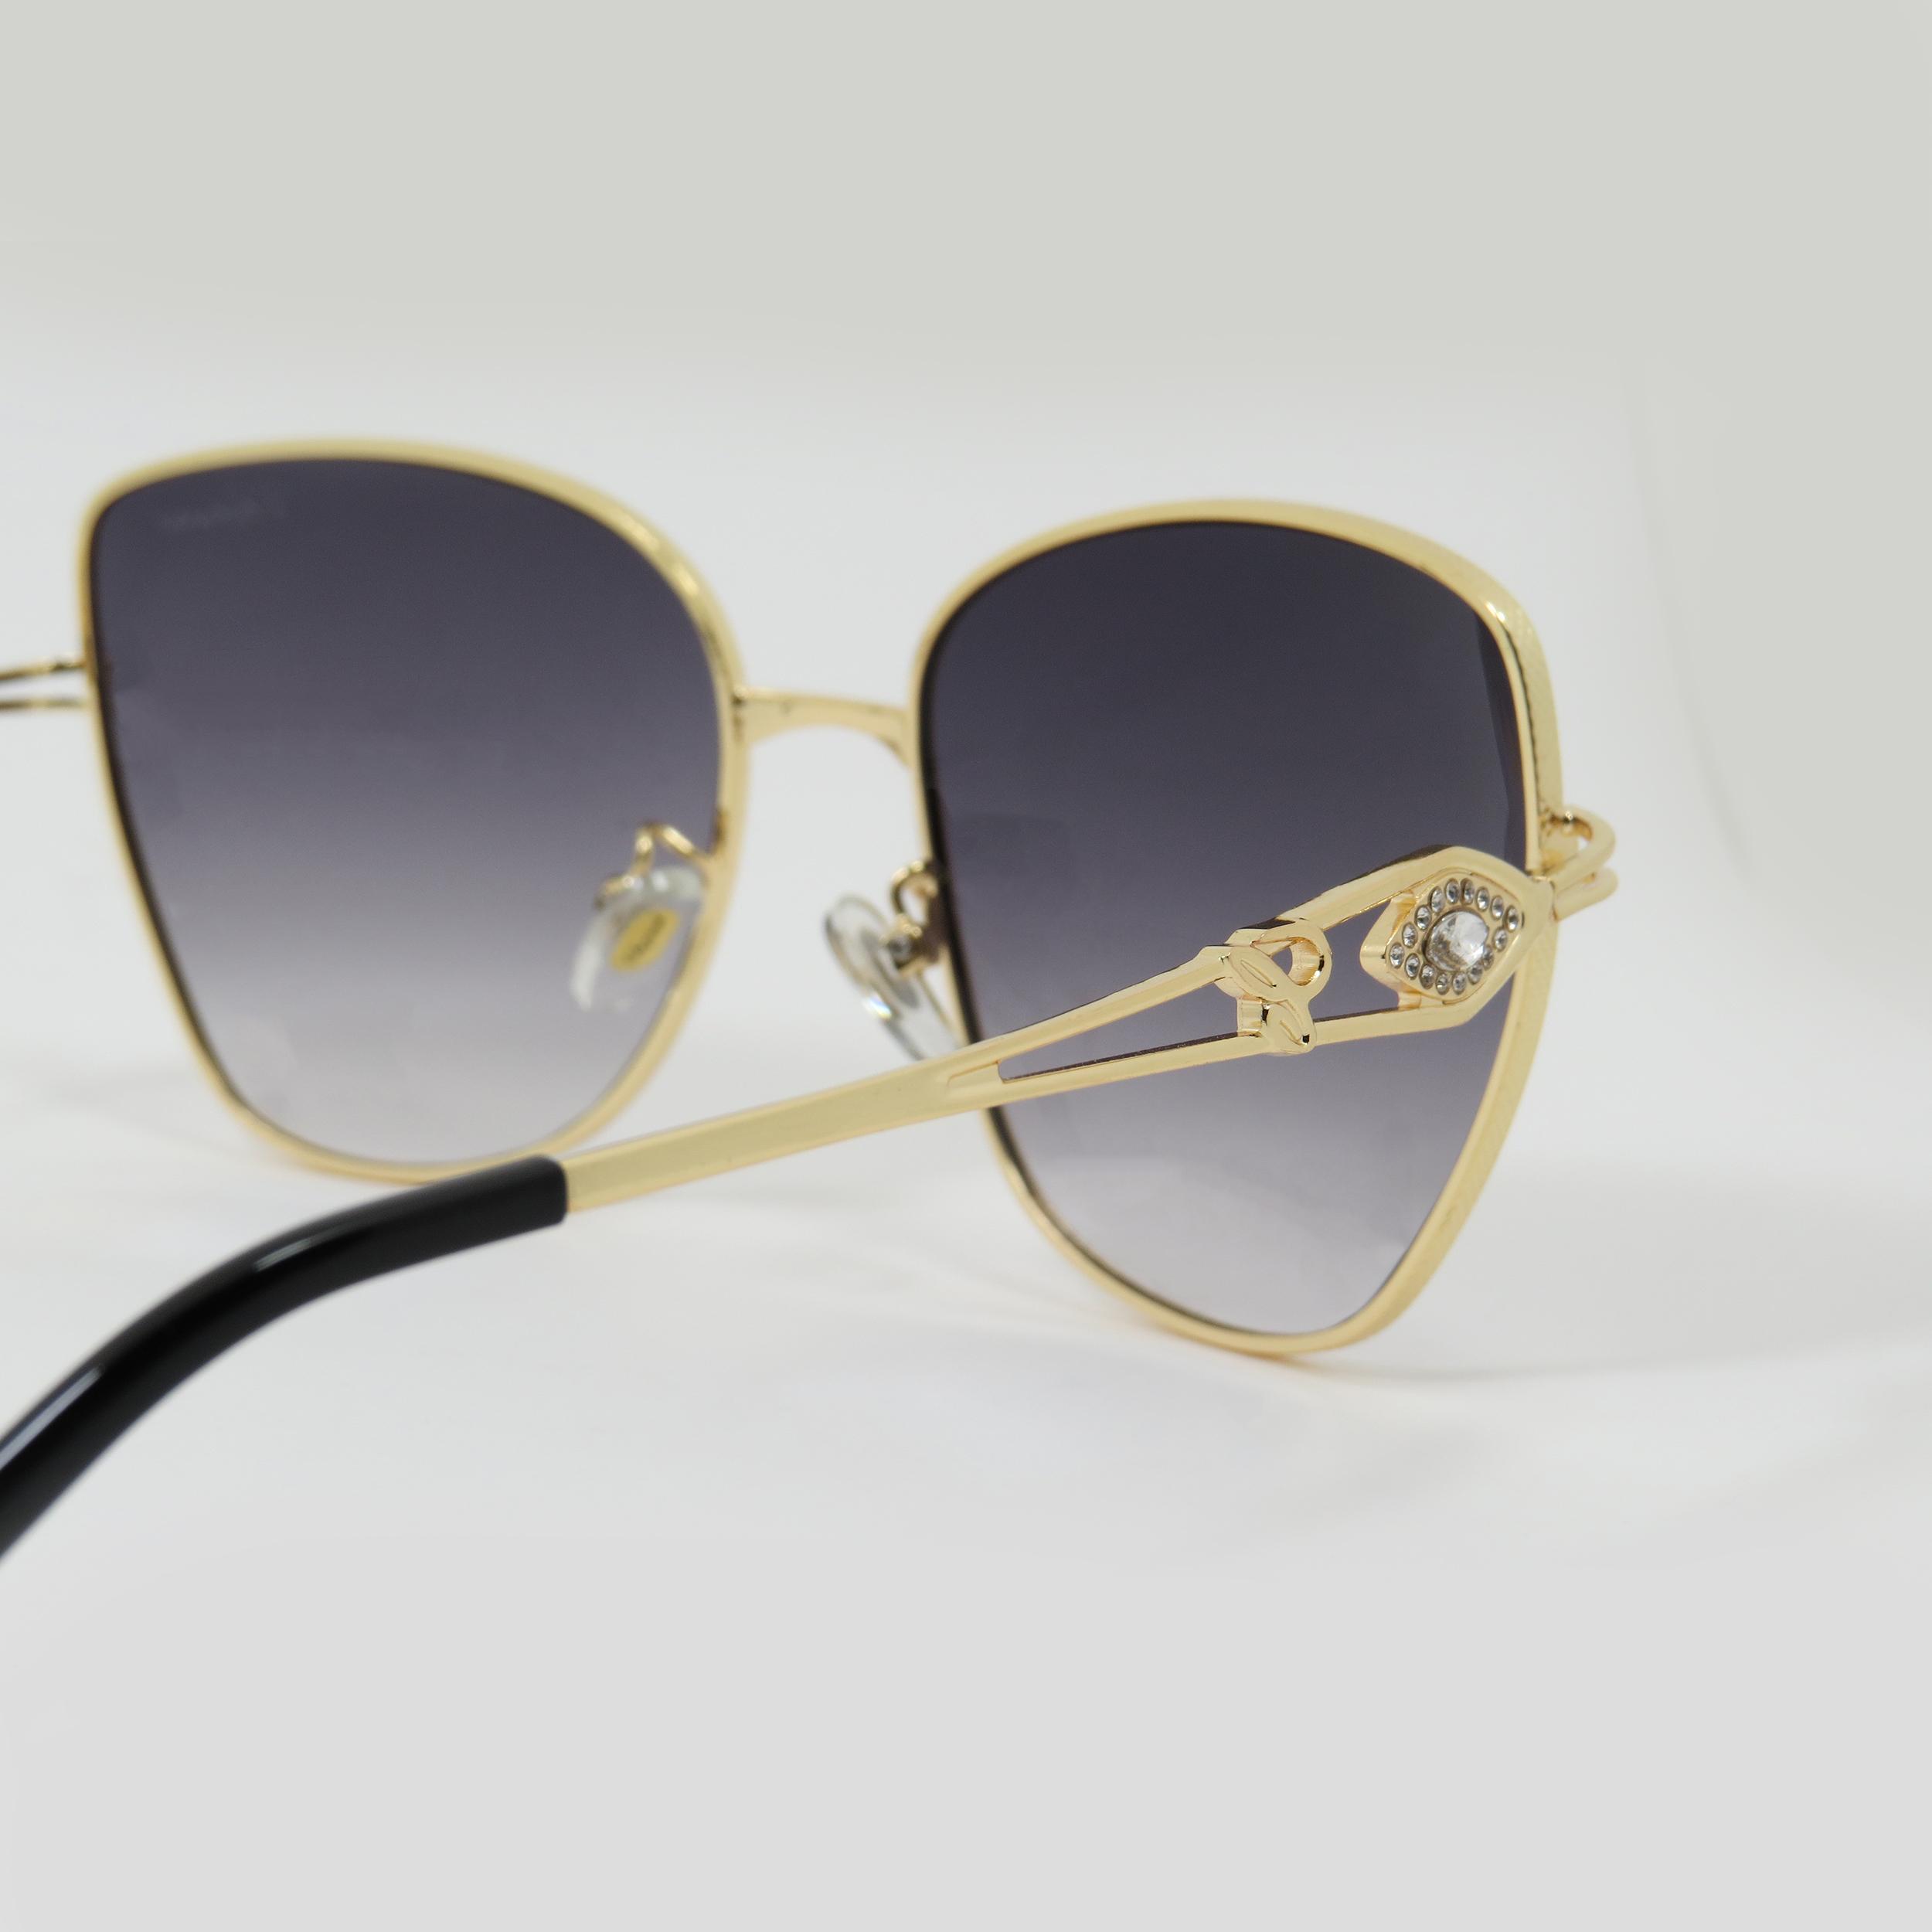 عینک آفتابی زنانهشوپارد مدل 8010